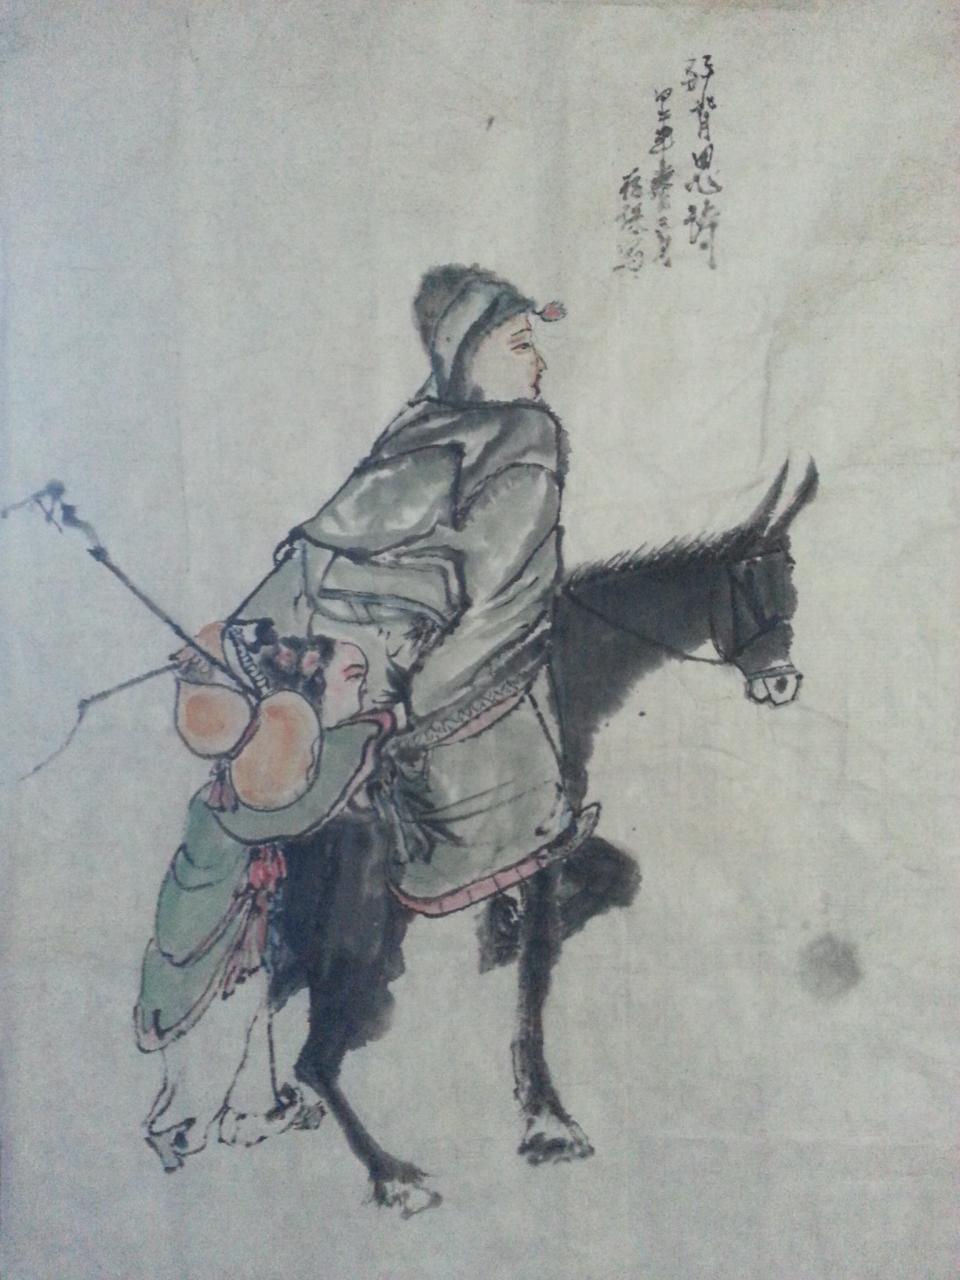 五营镇杨湾村农民书画